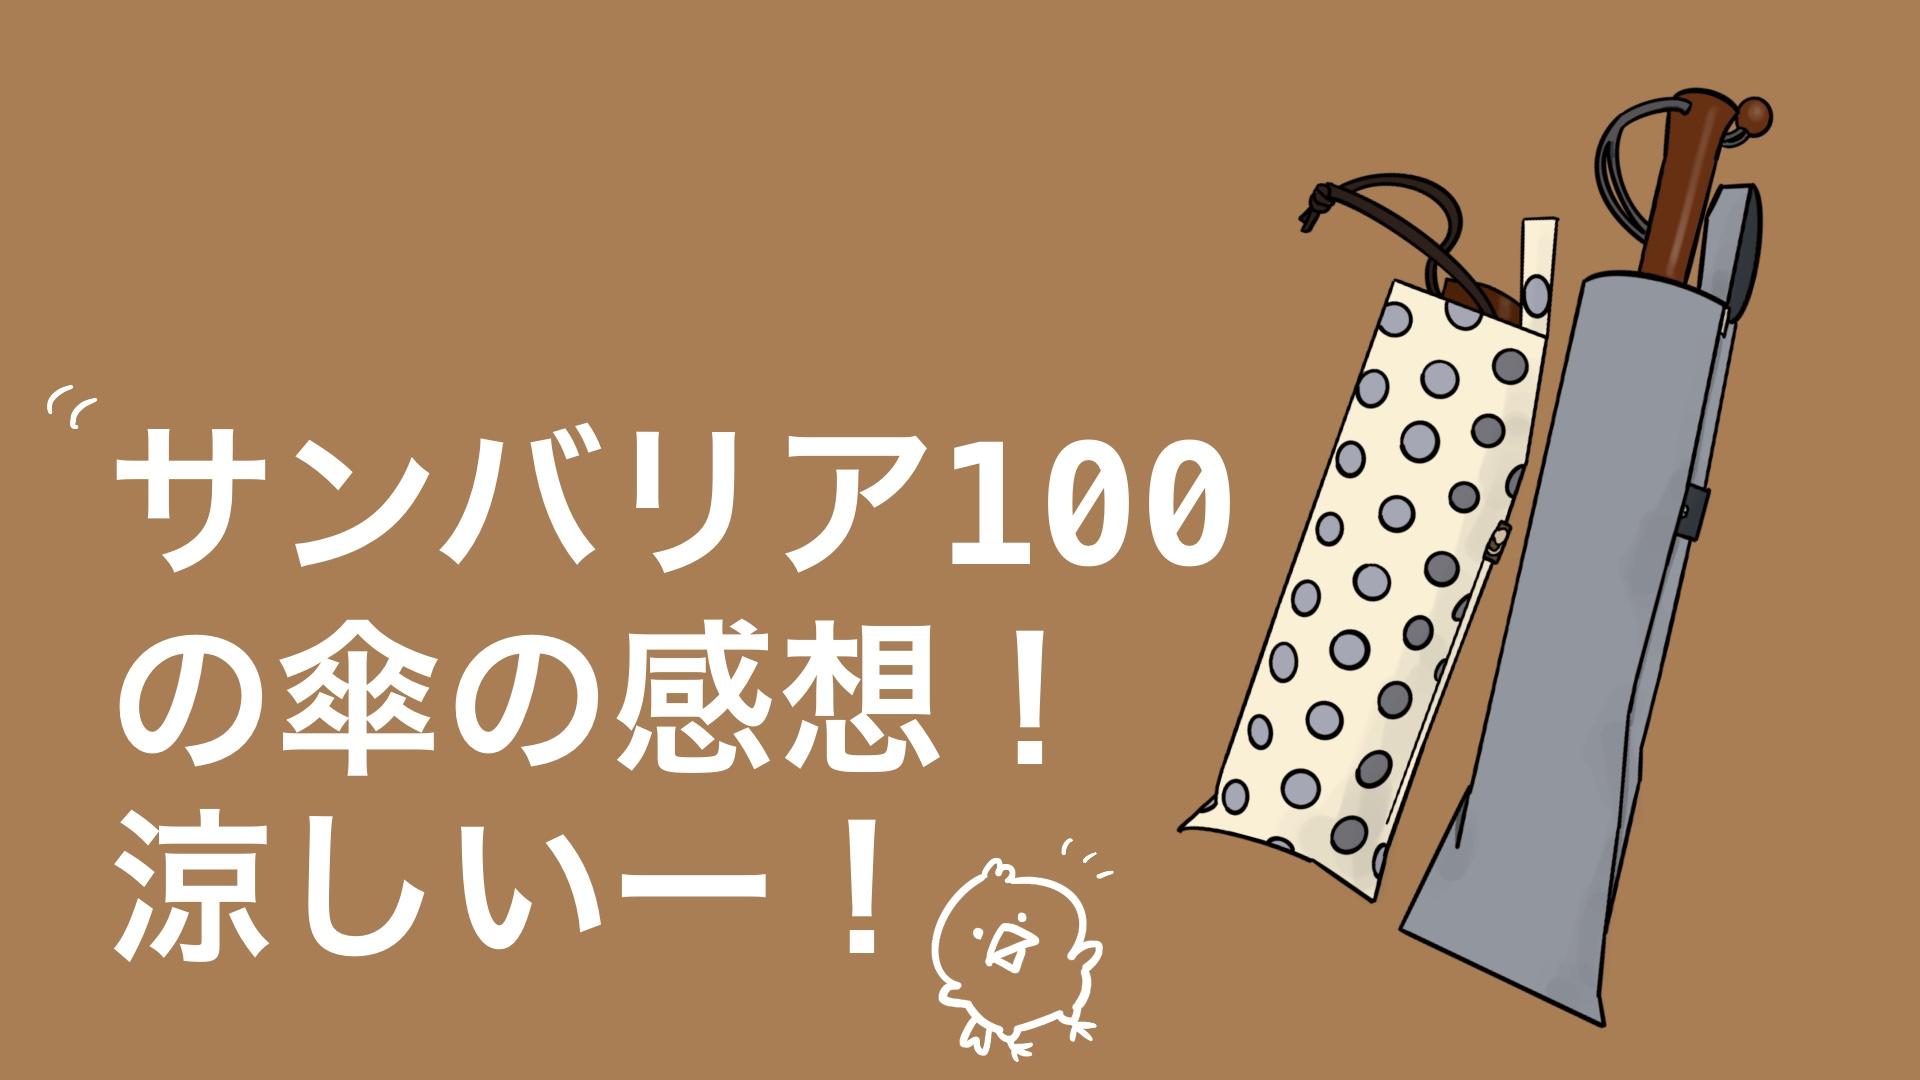 サンバリア100の傘の感想!涼しいー!